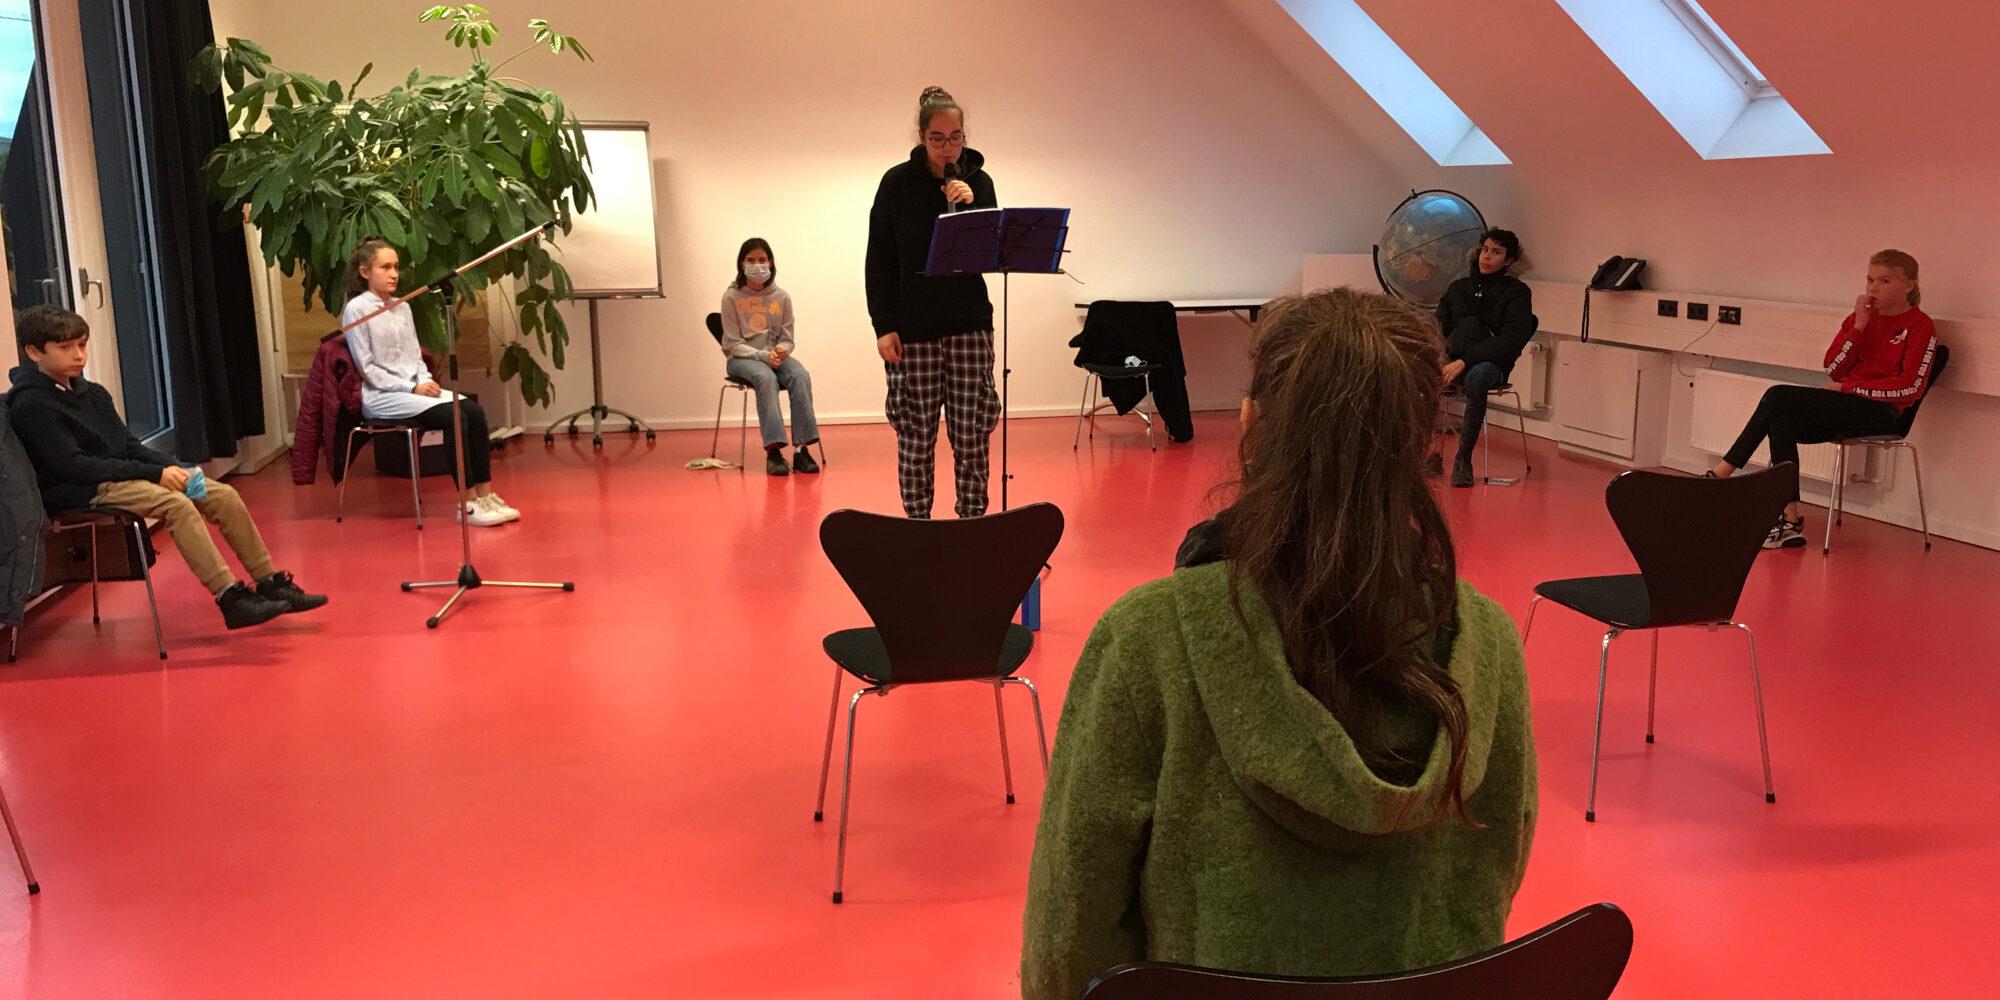 Jugendliche sitzen im Halbkreis auf einer Bühne. Ein Mädchen steht in der Mitte mit einem Mikrofon und liest eine Geschichte.